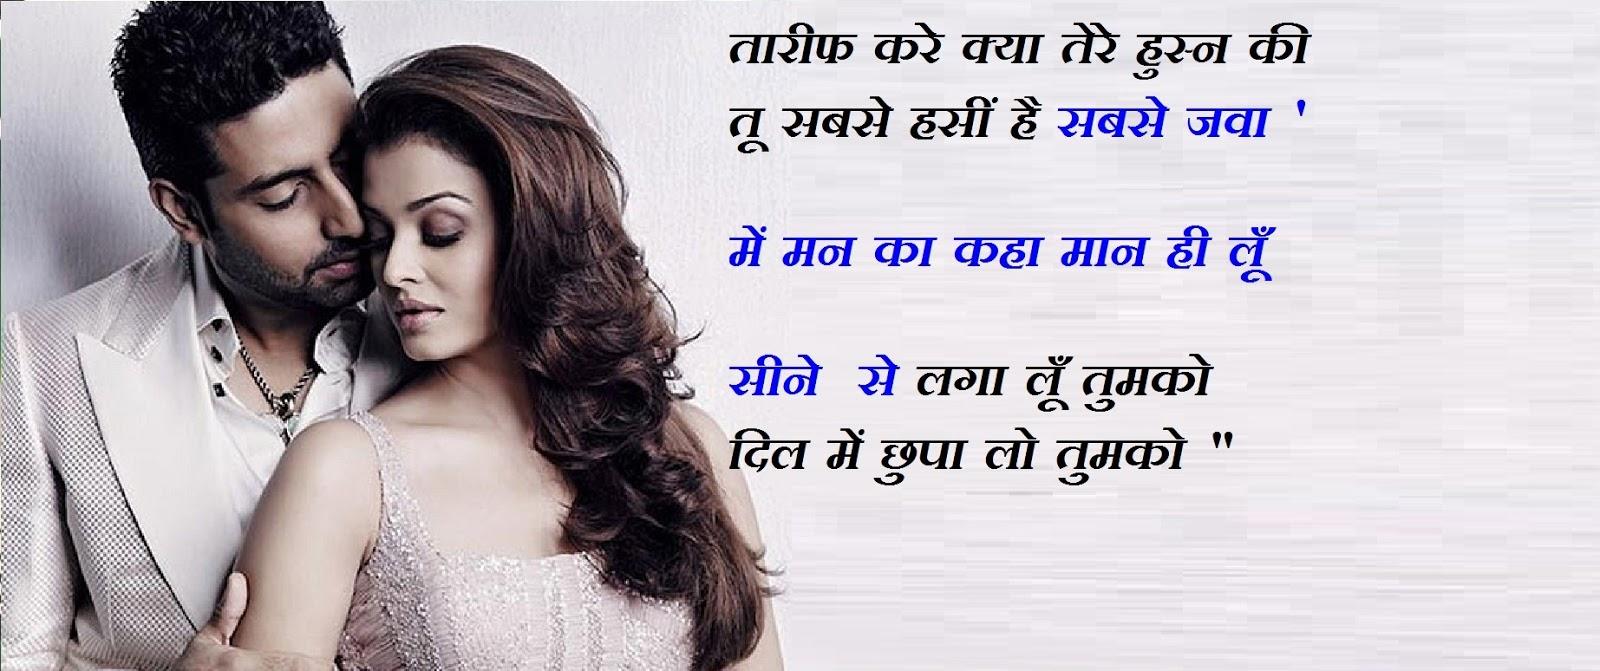 love status, romantic status, romantic shayari hindi, romantic shayari hindi mai, romantic shayari for boyfriend, 2 line romantic shayari in hindi, whatsapp status video romantic, whatsapp status video download, romantic shayari on love in hindi, तारीफ करे क्या तेरे हुस्न की तू सबसे हसीं है सबसे जवा-में मन का कहा मान ही लूँ सीने से लगा लूँ तुमको दिल में छुपा लो तुमको